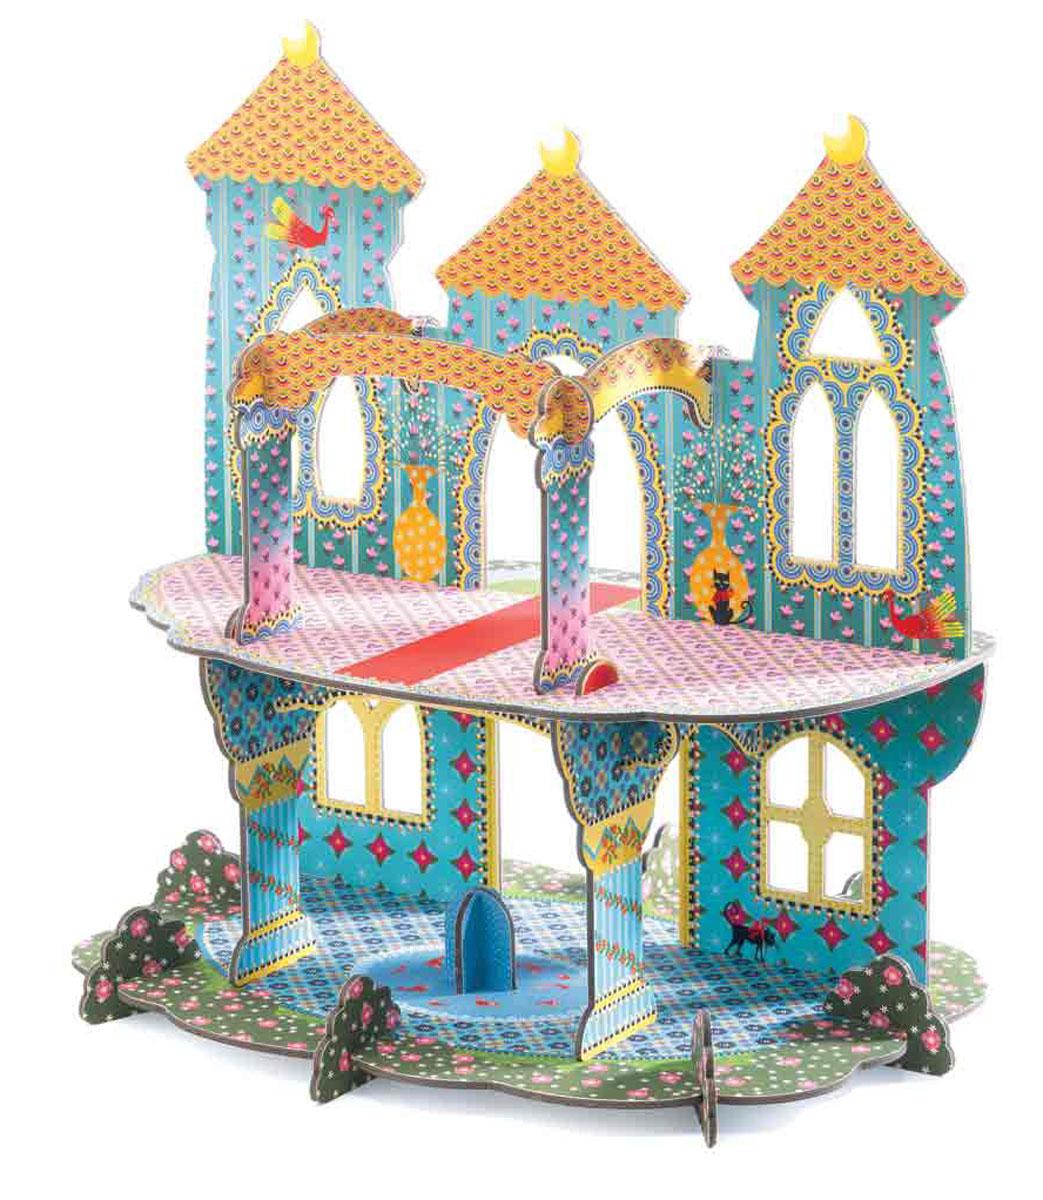 """Объемный конструктор Djeco """"Замок чудес"""" порадует вашу малышку. Он включает 20 красочных элементов, выполненных из очень крепкого картона, из которых собирается великолепный объемный замок. Схематичная инструкция позволит это сделать правильно и быстро. Двухэтажный замок станет красивым фоном для игр с куклами, принцессами и прочими любимыми игрушками вашей девочки."""